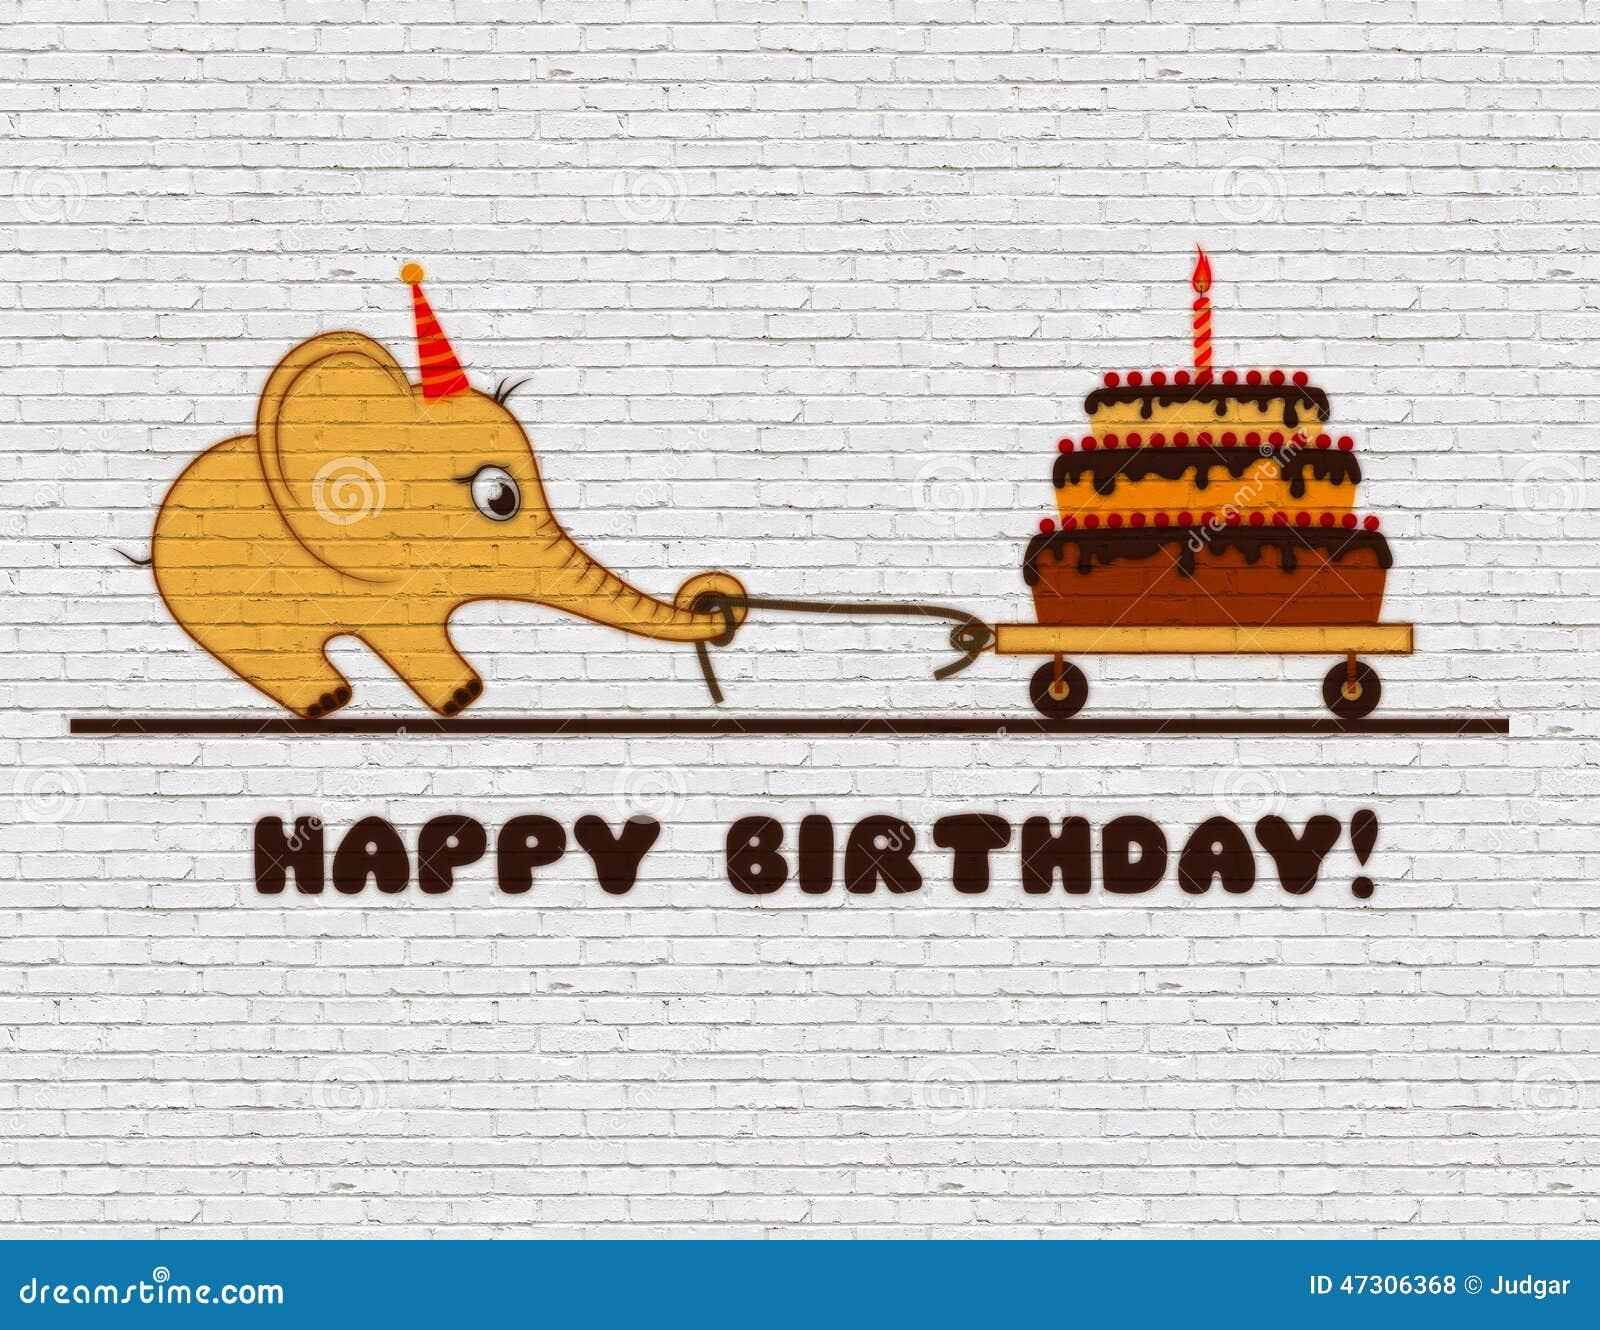 Geburtstag glückwünsche kind ᐅ Geburtstagswünsche